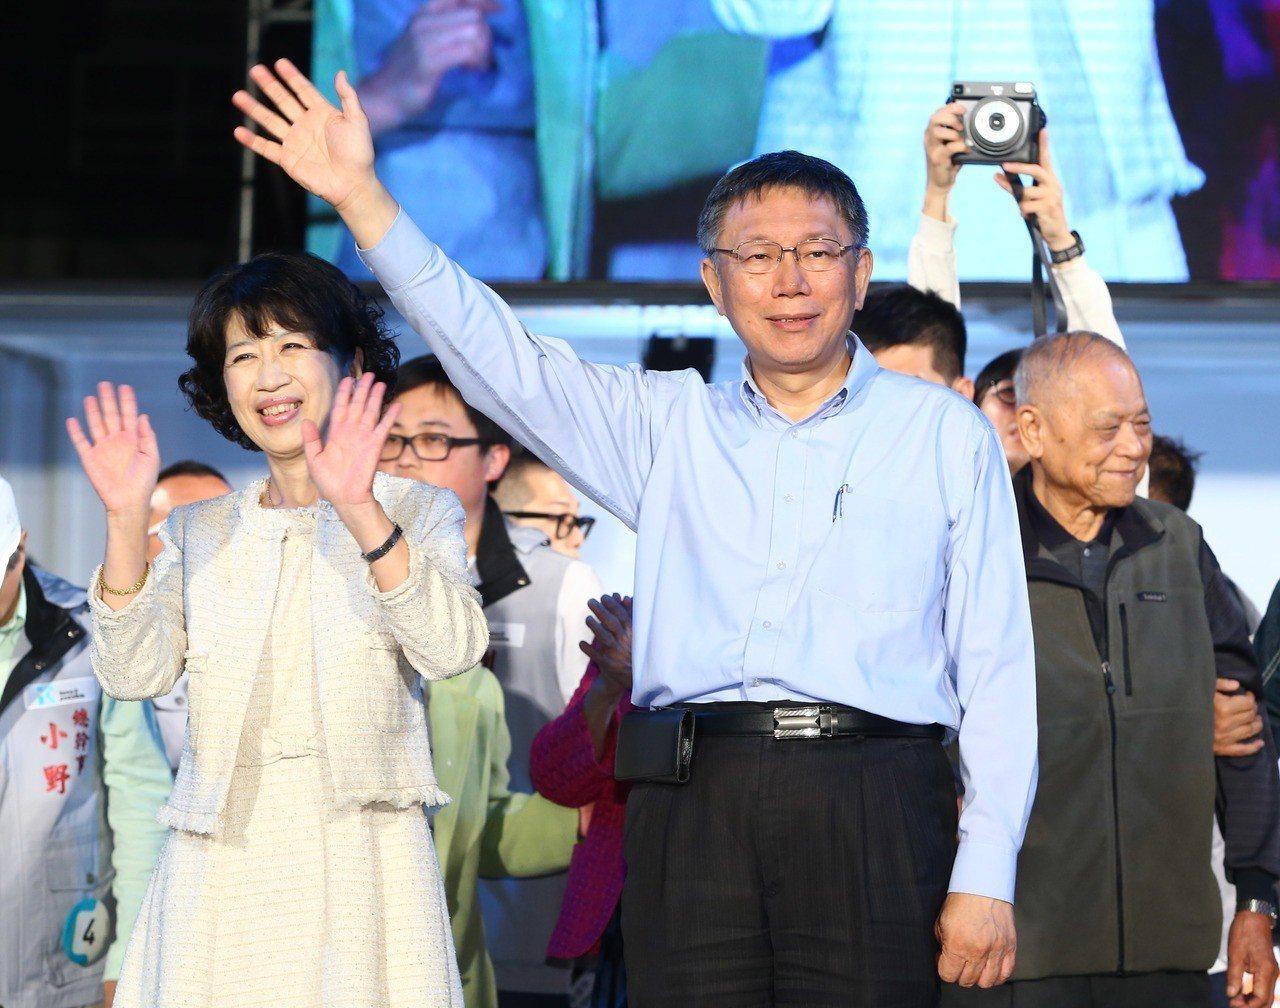 台北市長柯文哲勝選後振臂高揮。記者陳柏亨/攝影